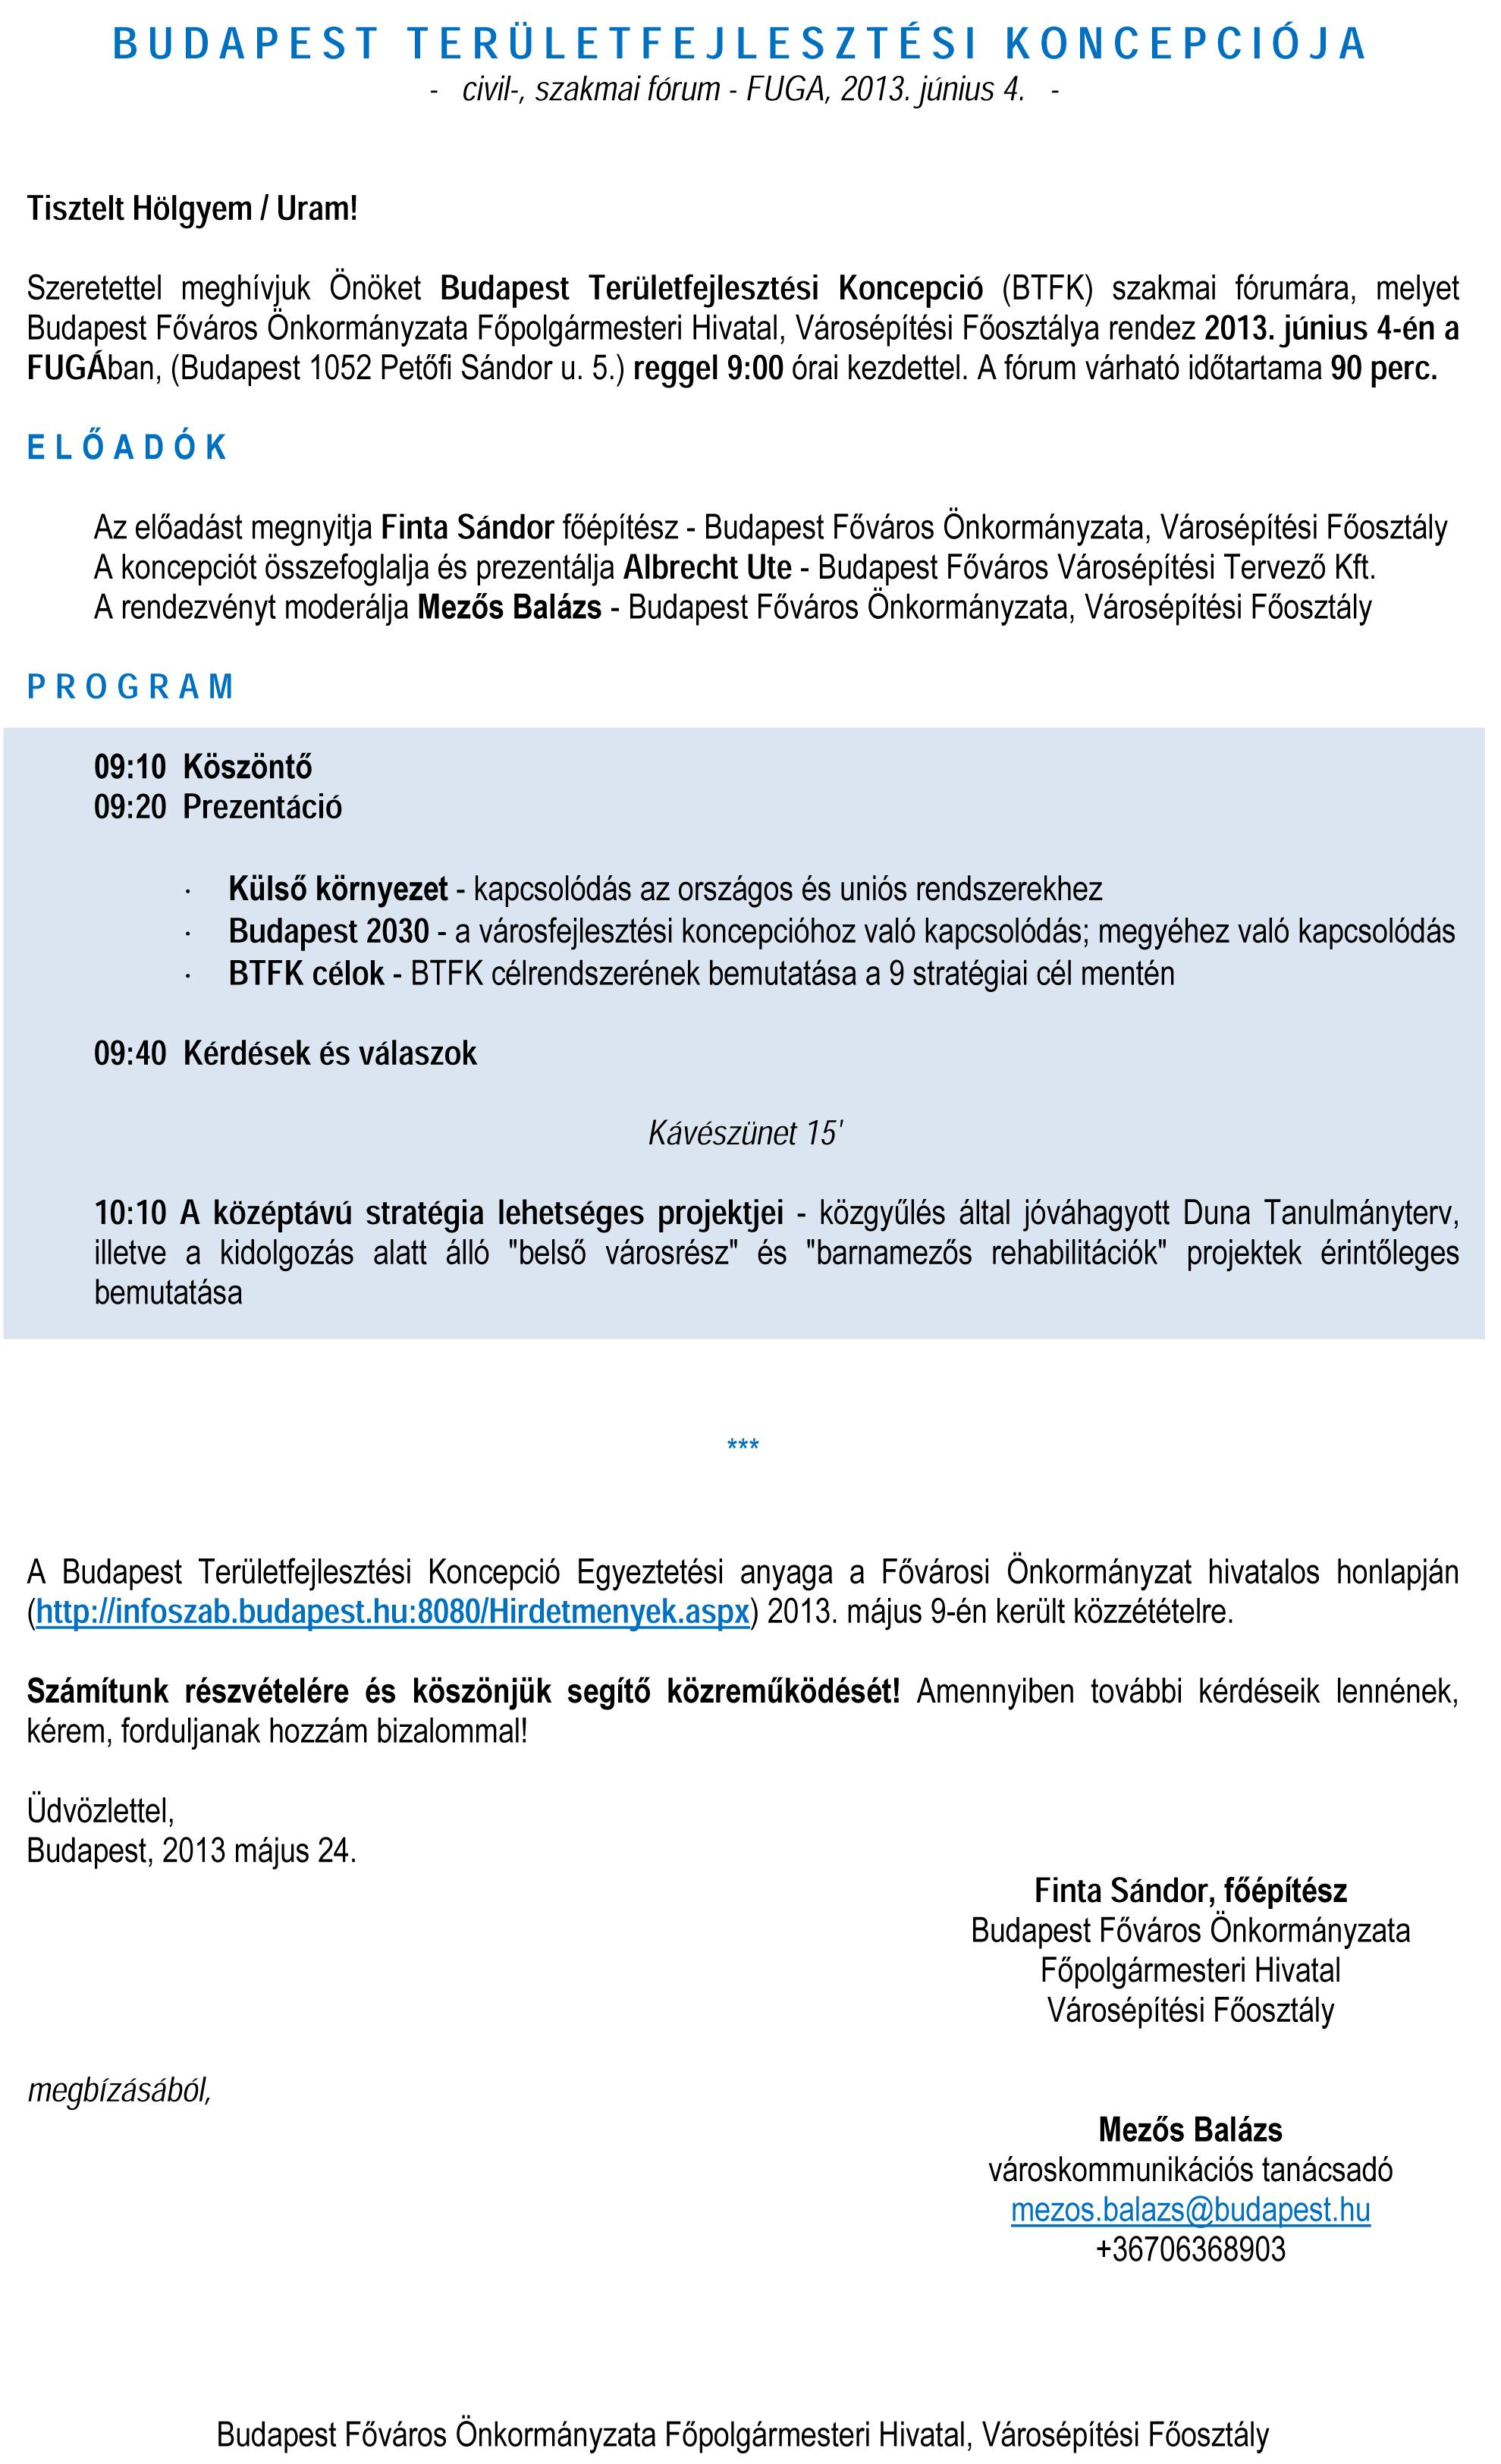 BTFK - civil-, szakmai fórum meghívó